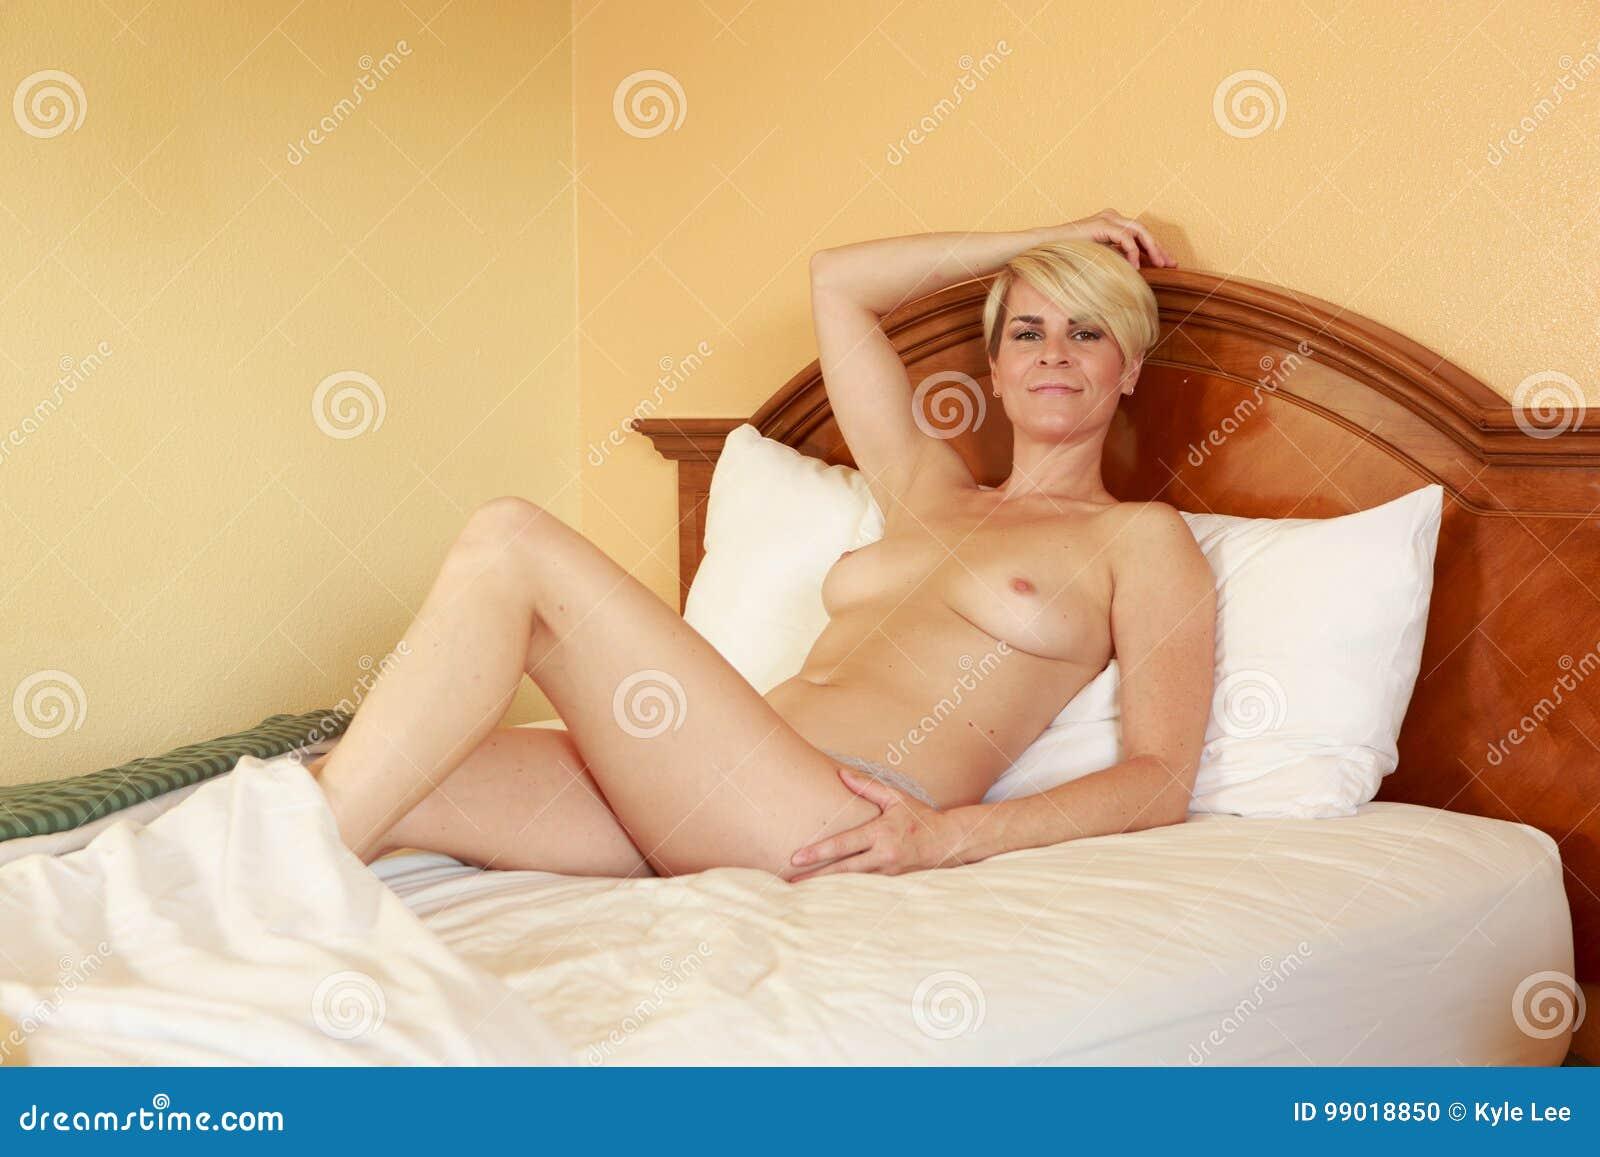 nackte blondine im hotel zimmer